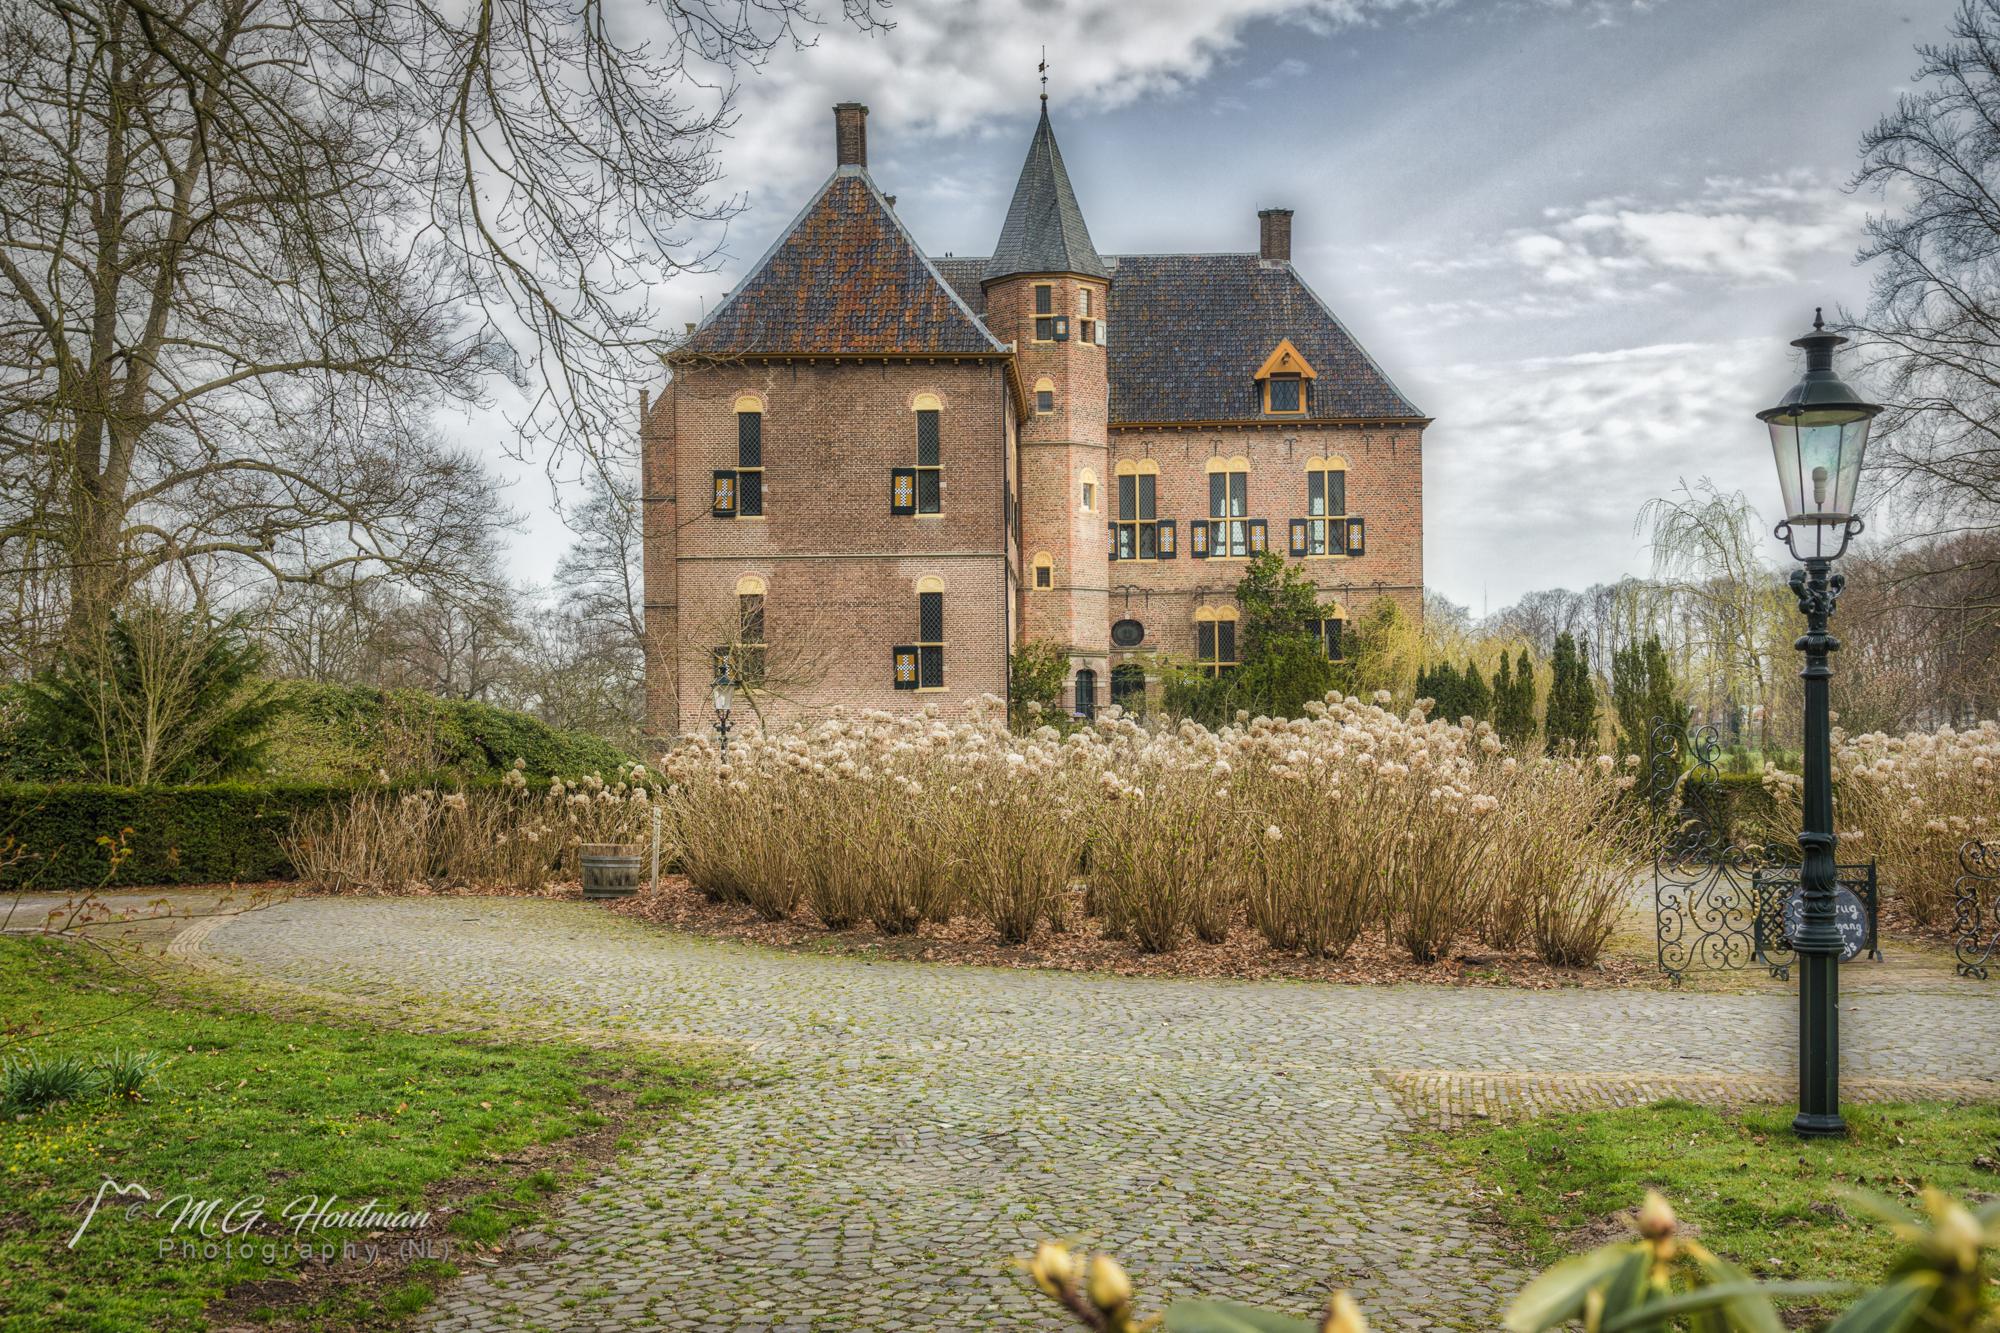 Kasteel Vorden is een kasteel en landgoed zuidoostelijk gelegen in het gelijknamige dorp Vorden in de gemeente Bronckhorst, in de Nederlandse provincie Gelderland.